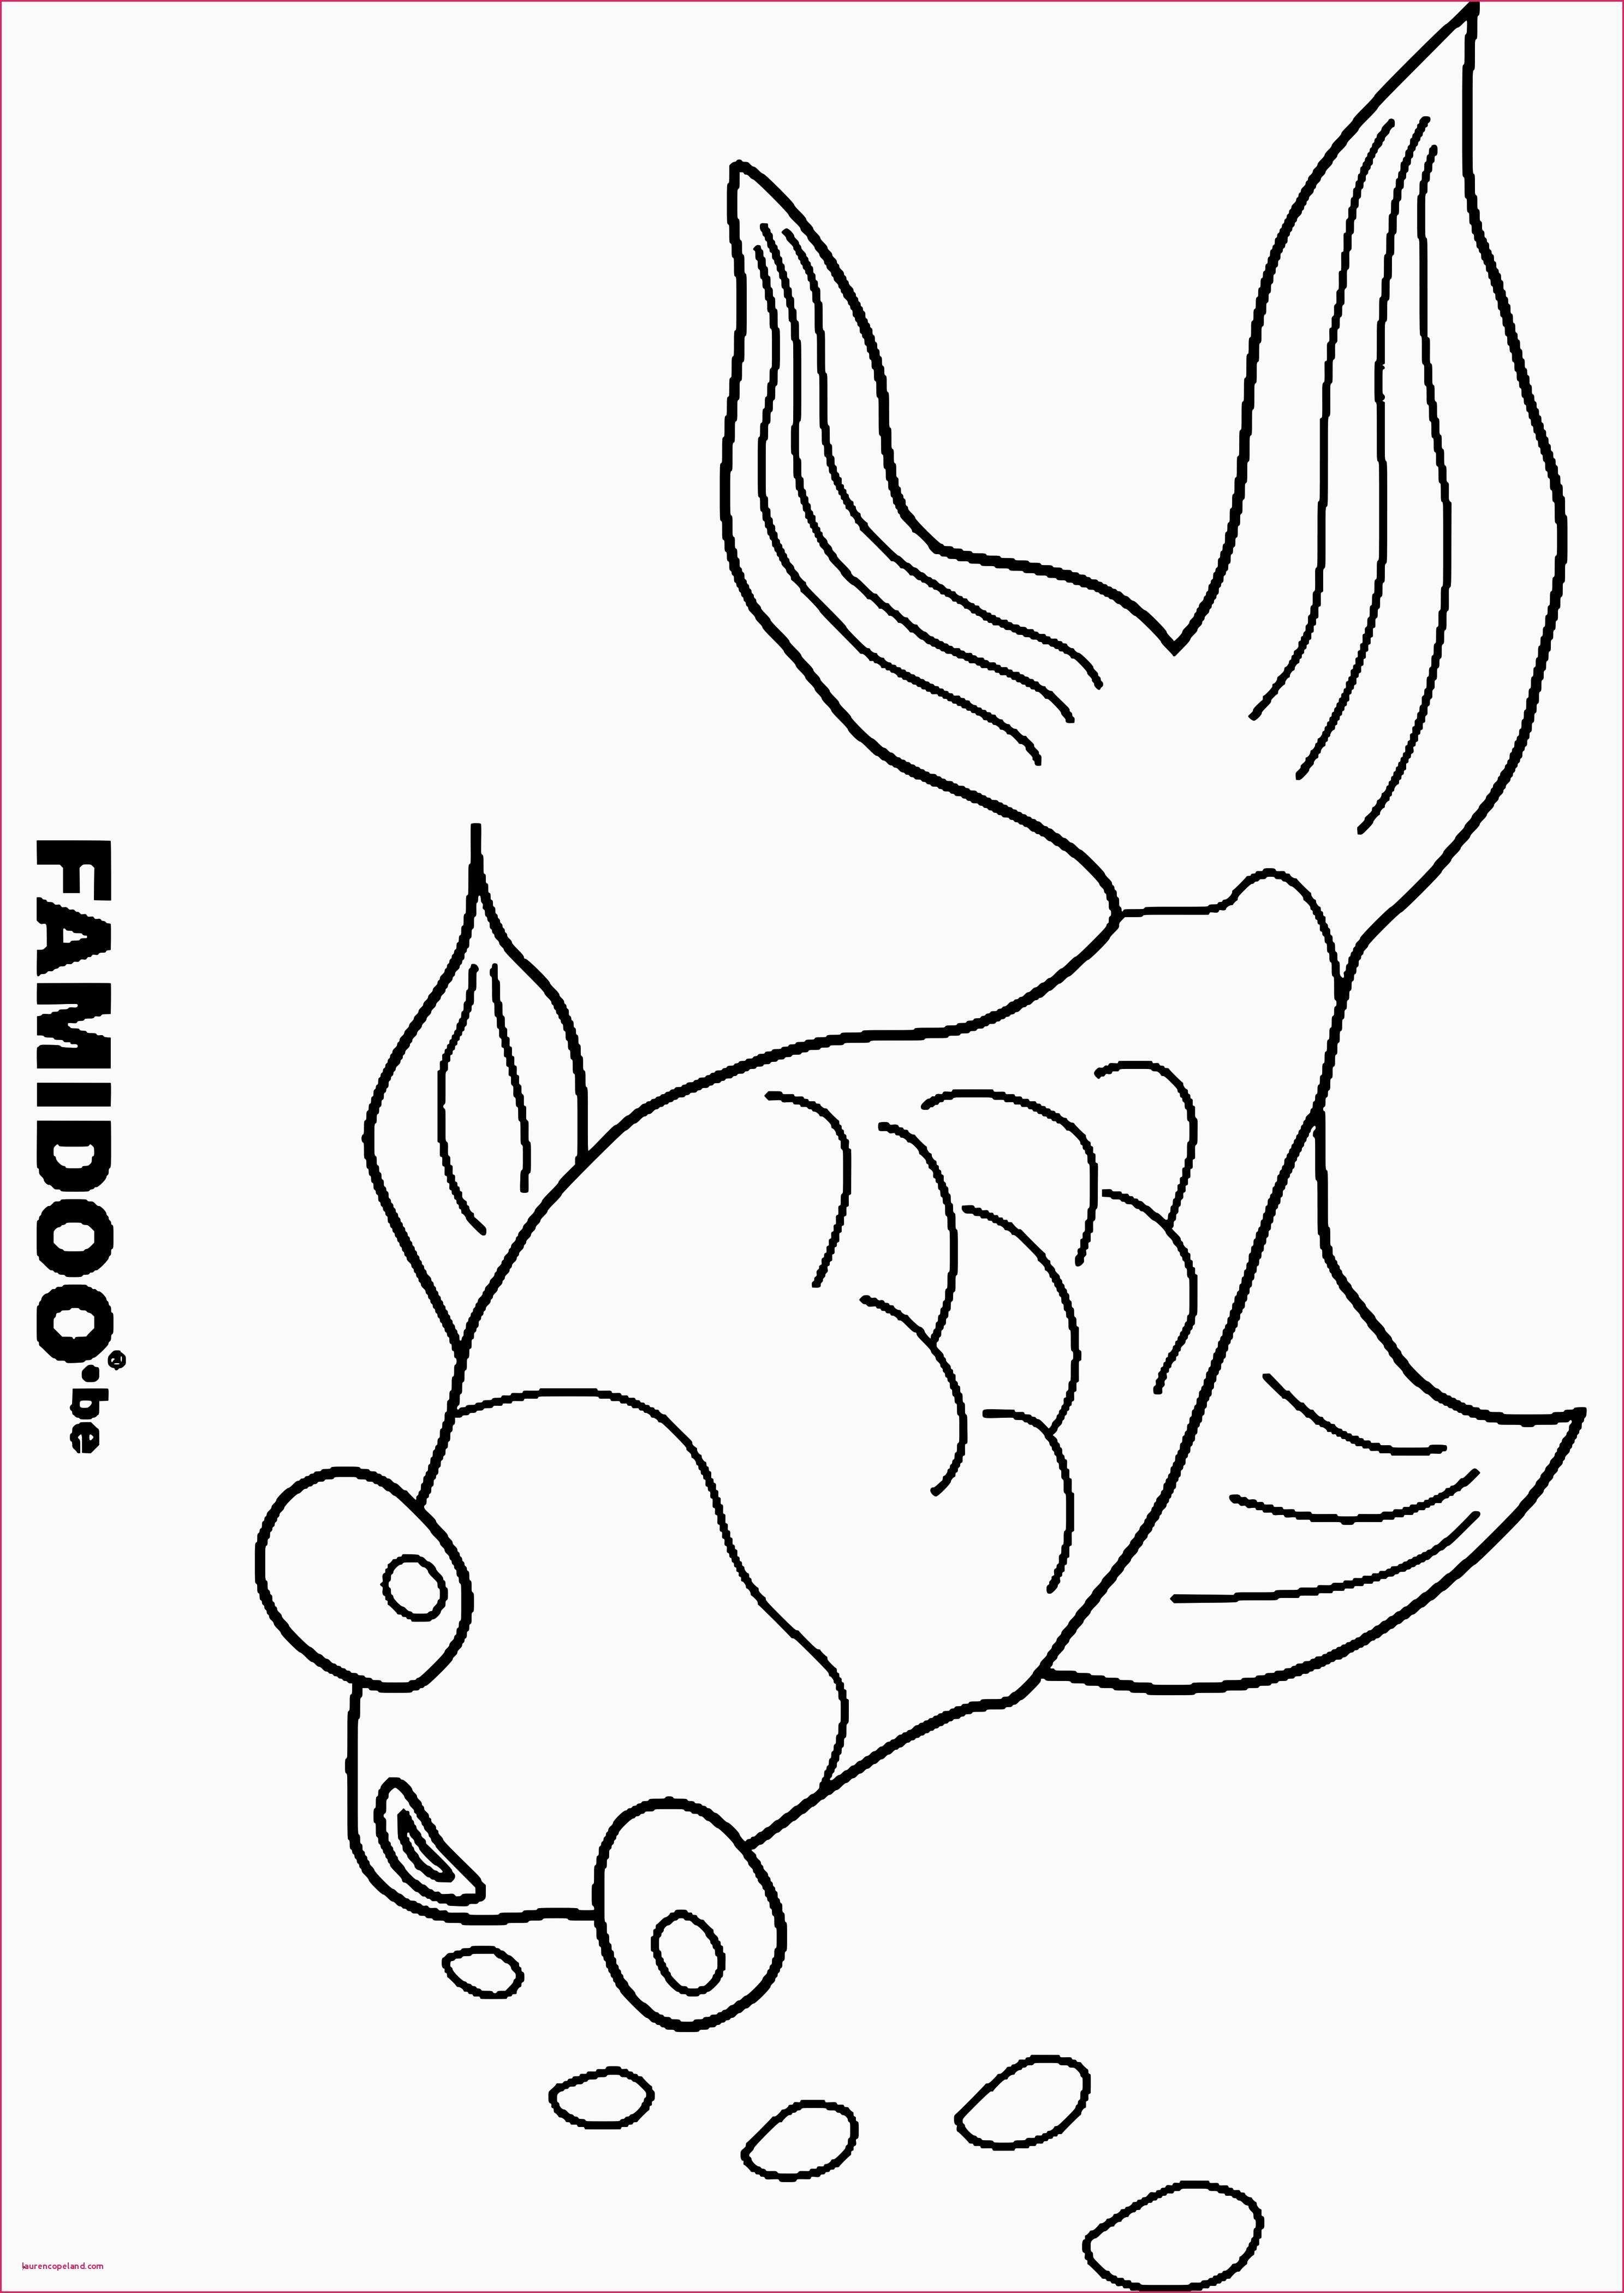 Einzigartig Malvorlagen Fische Zum Ausdrucken #Malvorlagen ...